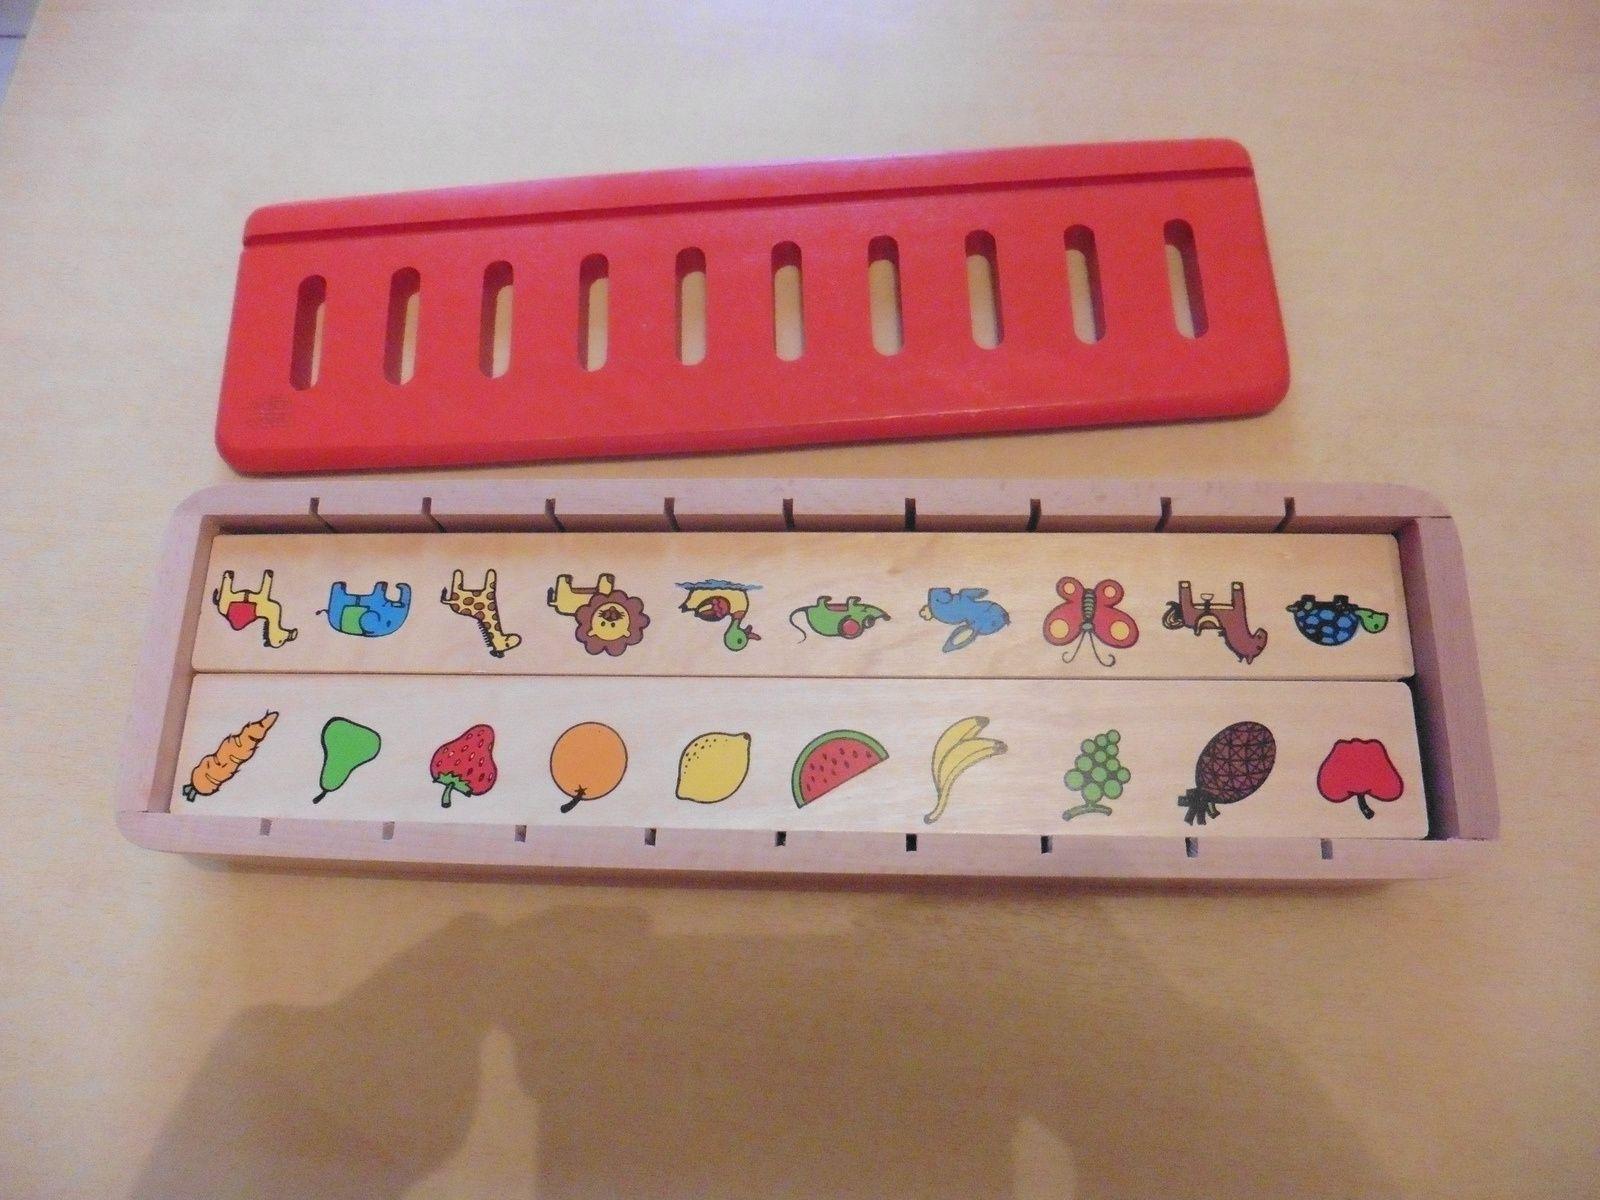 La boîte de tri contient : un coffret en bois, 5 réglettes en bois comportant chacune 10 motifs, 50 pièces en bois à associer et à trier en fonction de la réglette choisie